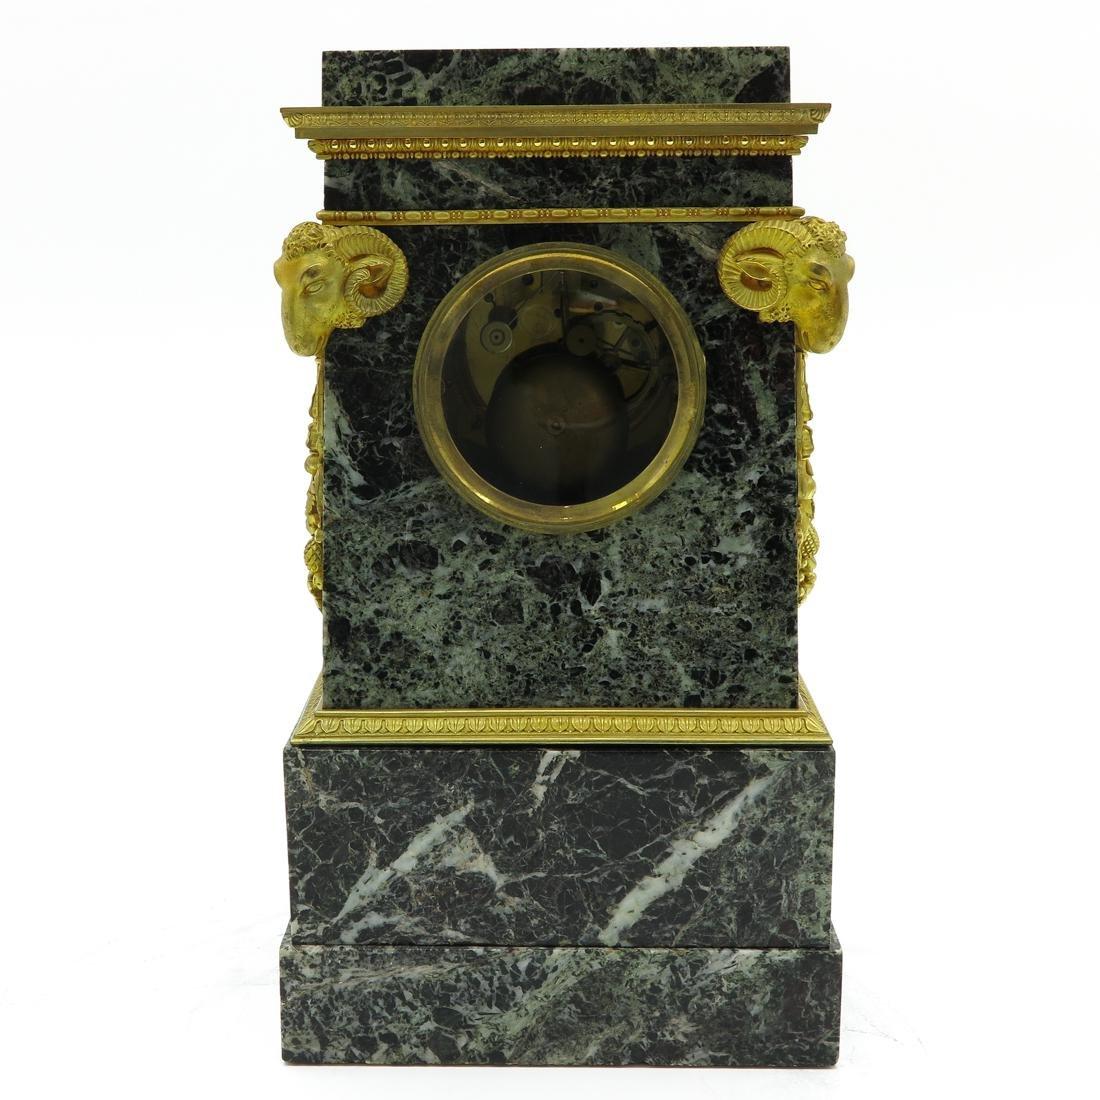 A Very Rare French Table Clock Circa 1800 - 3